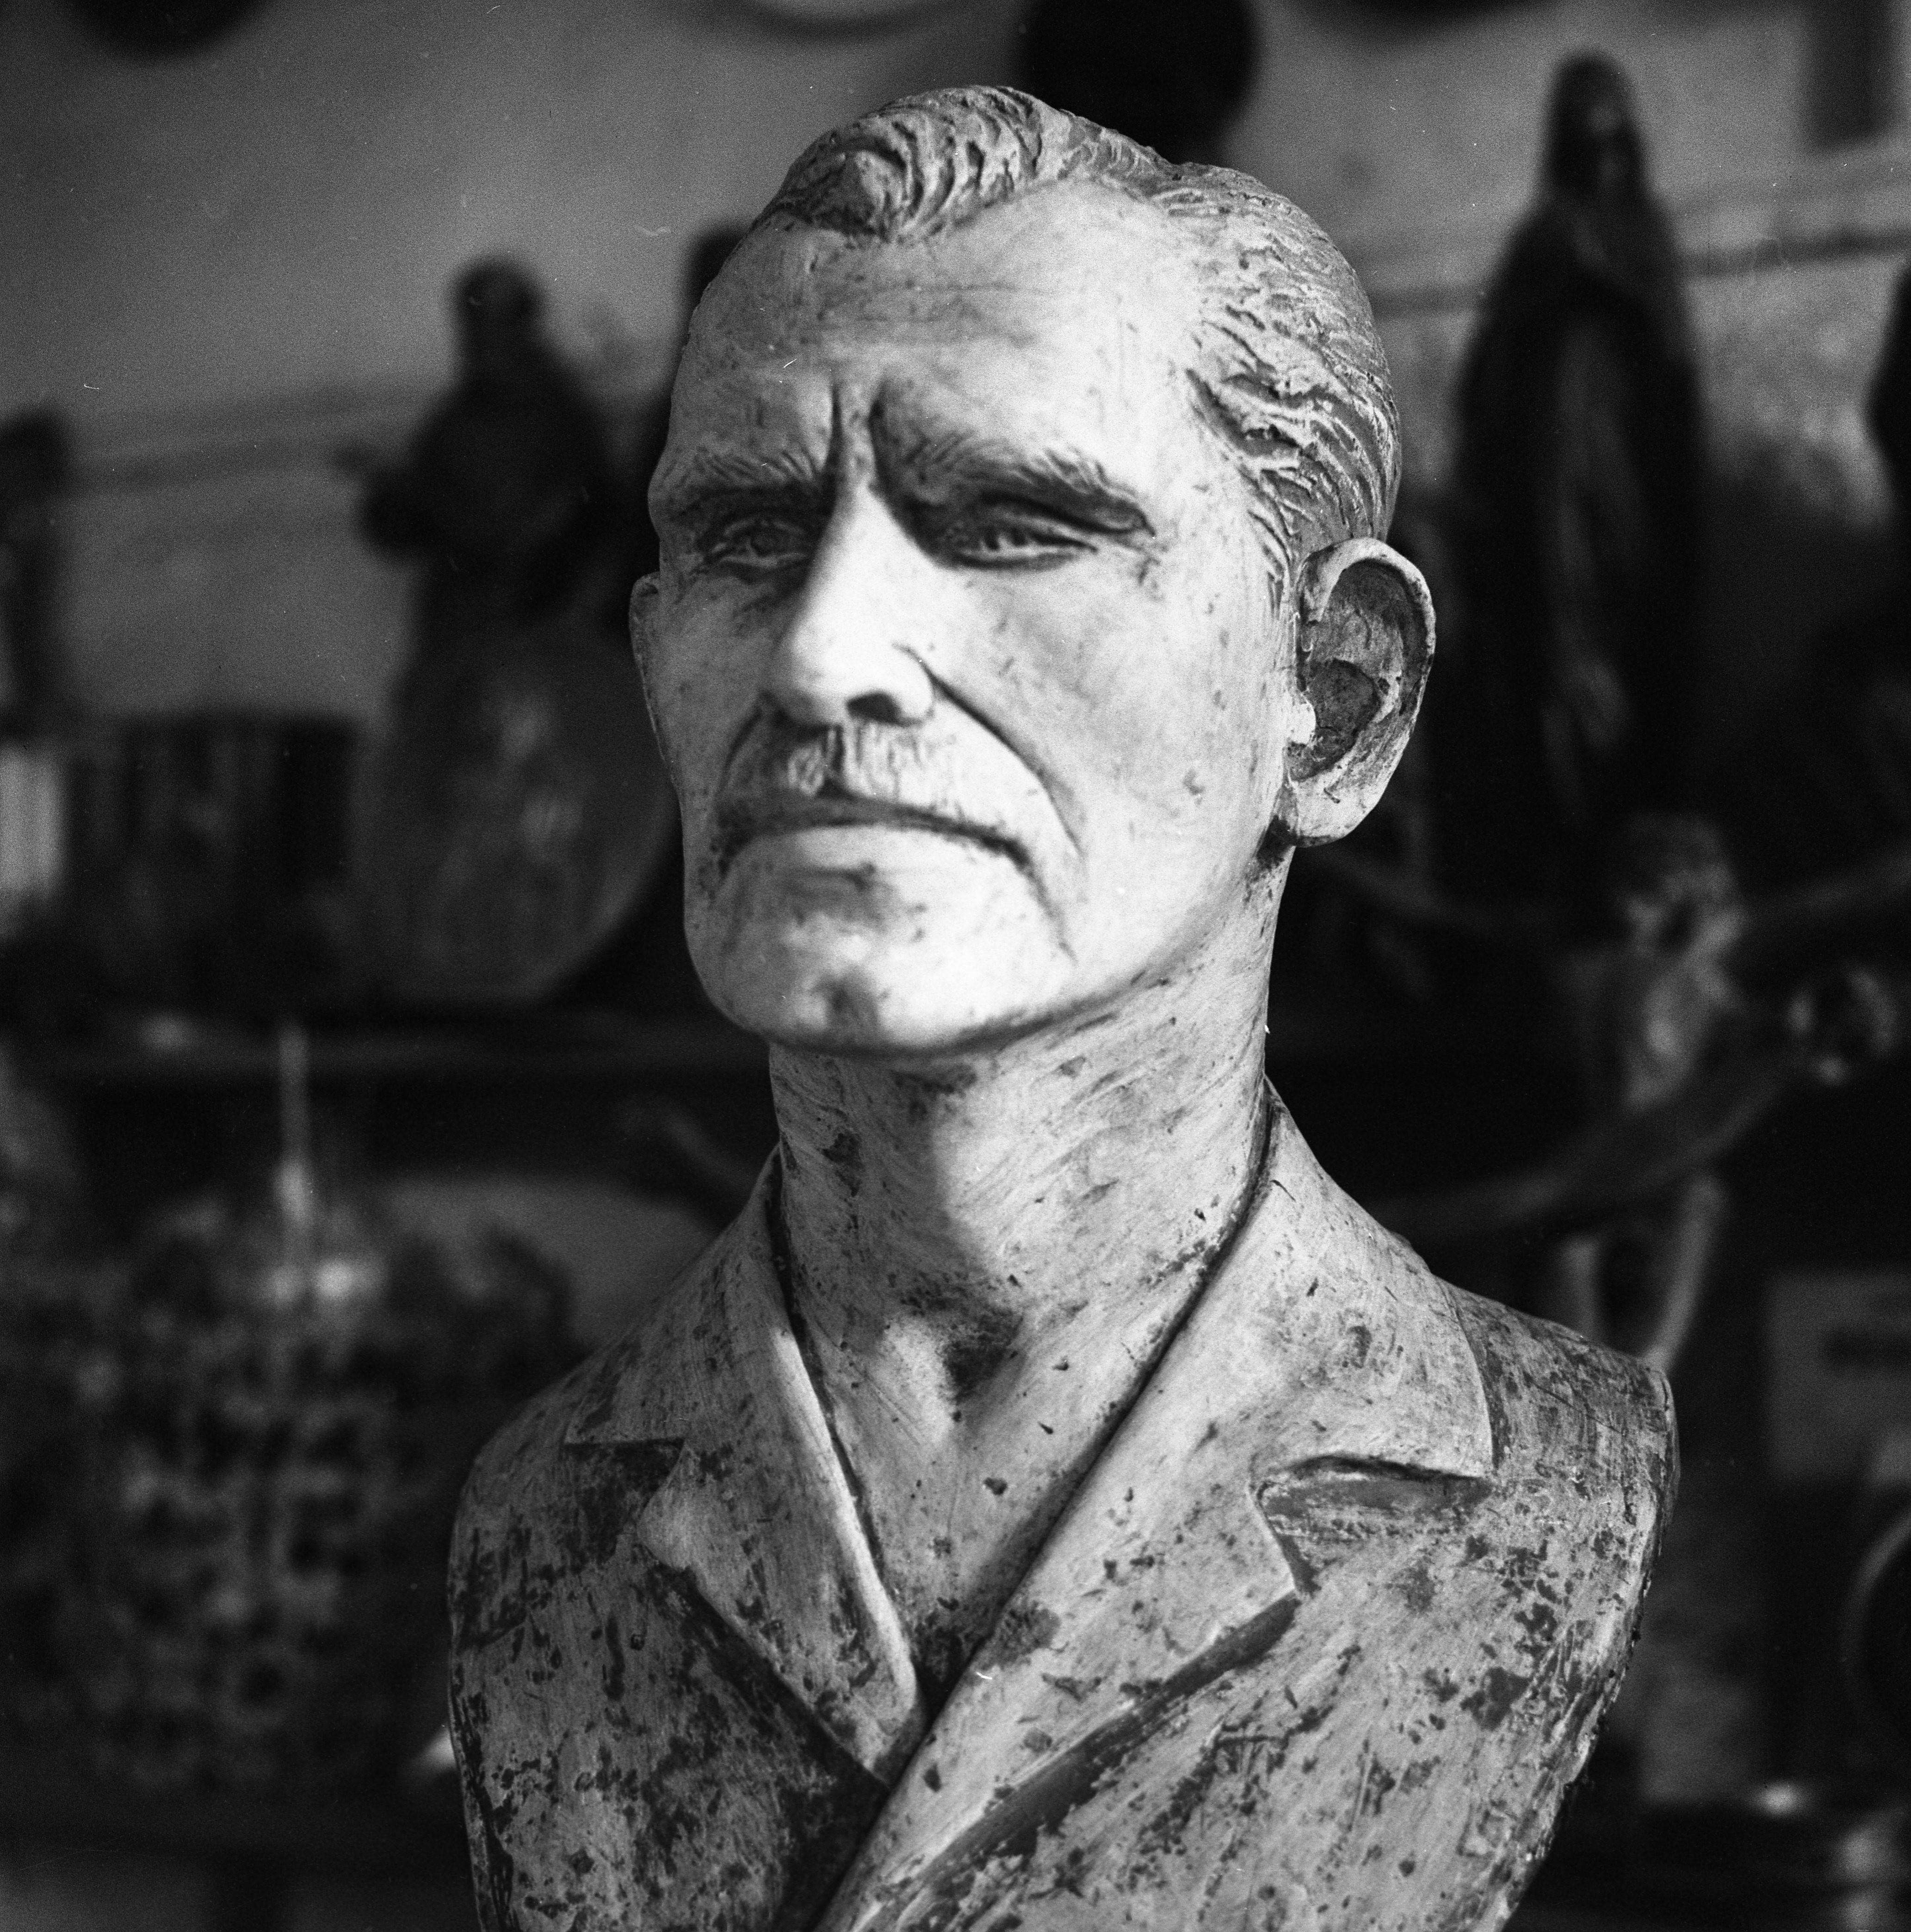 Busto em homenagem ao detetive Milton Le Cocq, morto por Cara de Cavalo num tiroteio